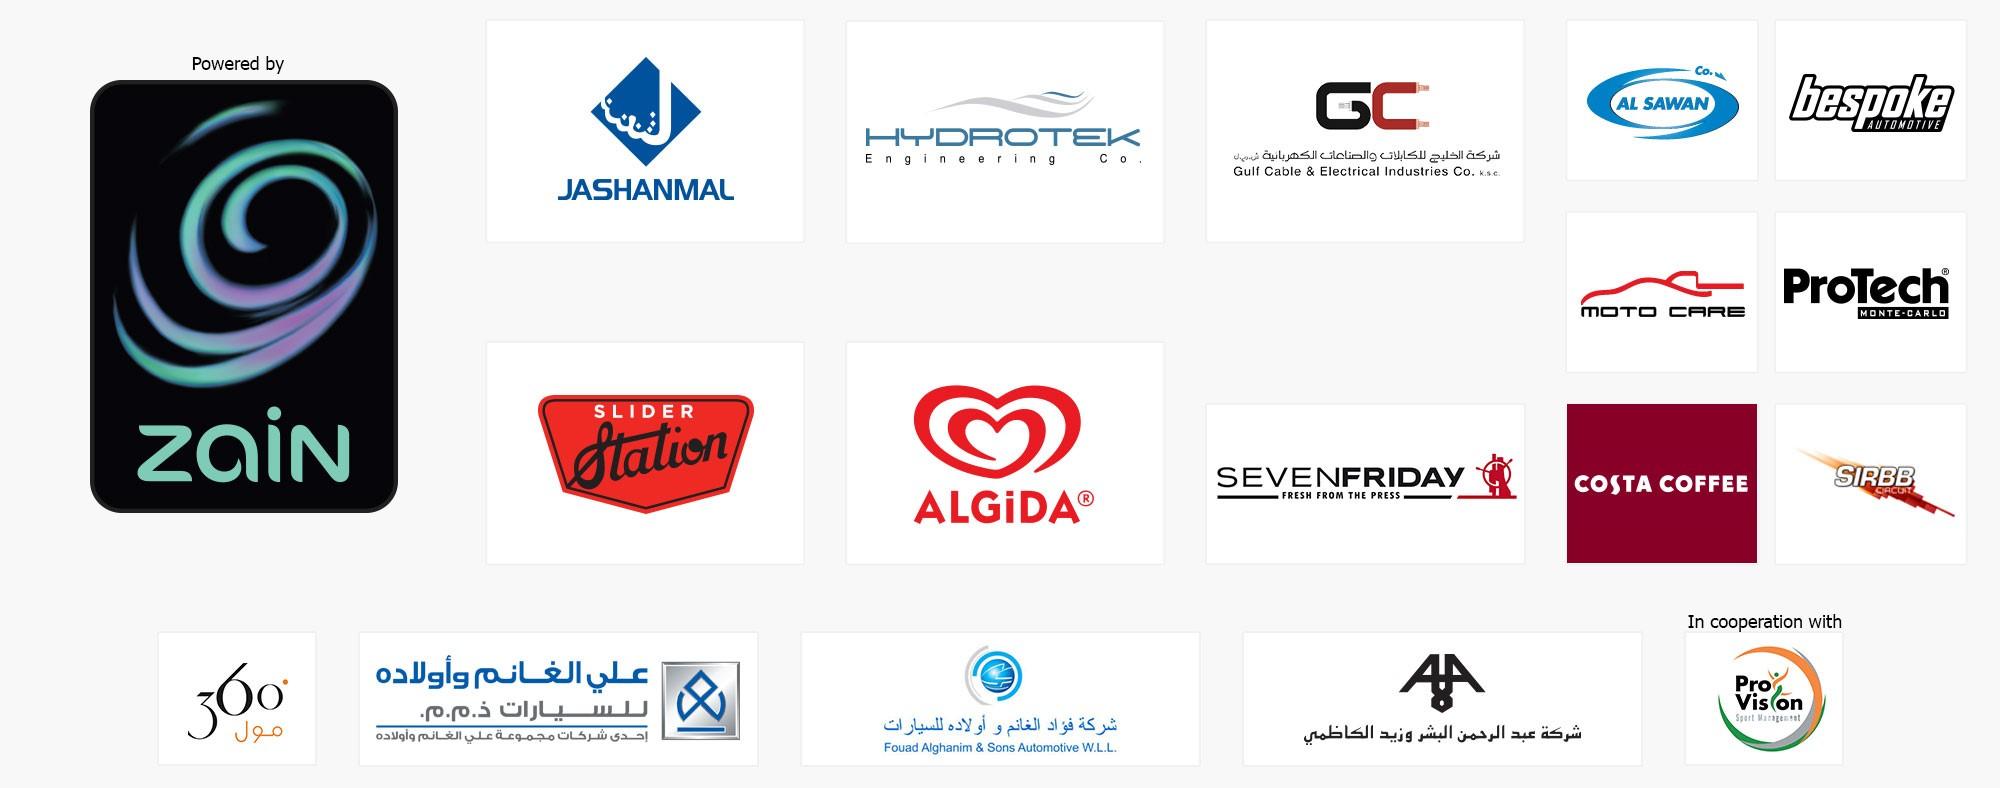 grx-sponsors